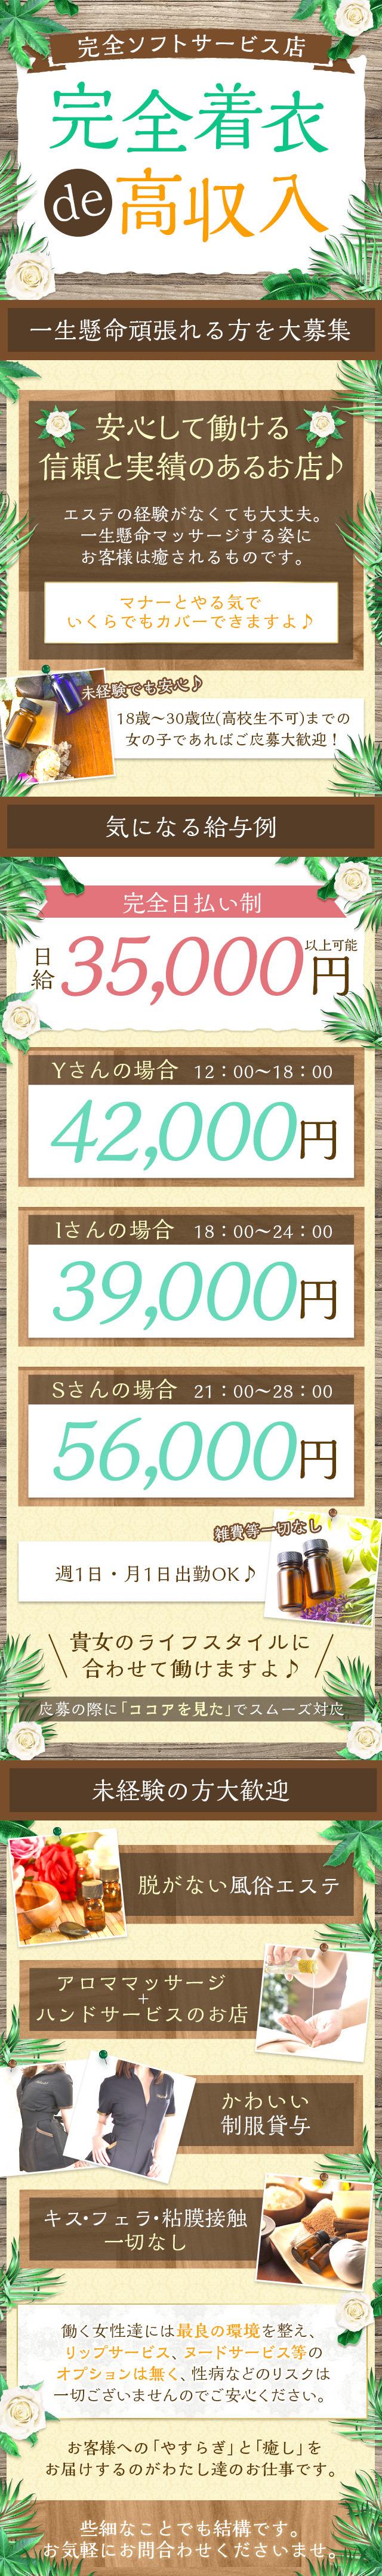 210617:メリッサ東京-品川店_急募(ココア)